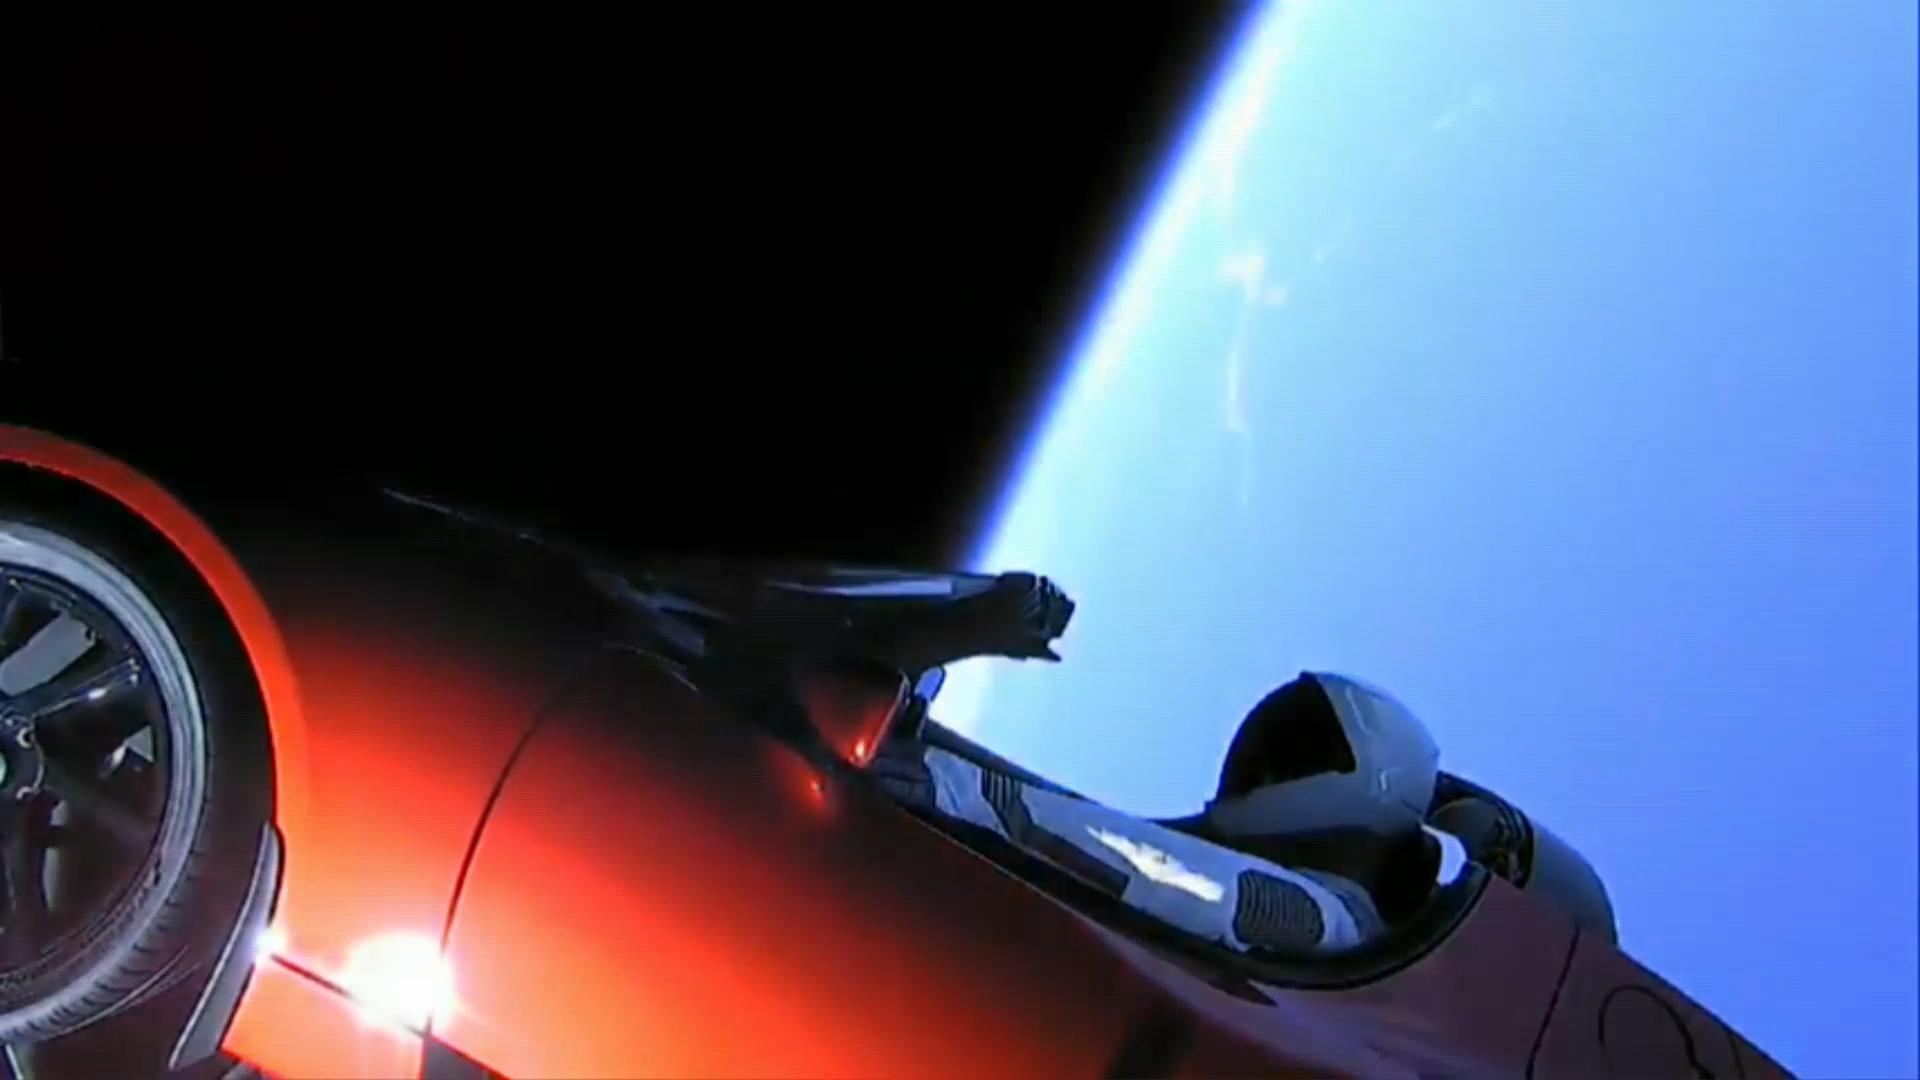 Hacia el final de la transmisión se pudo ver esta espectacular imagen del Tesla rojo con la Tierra de fondo